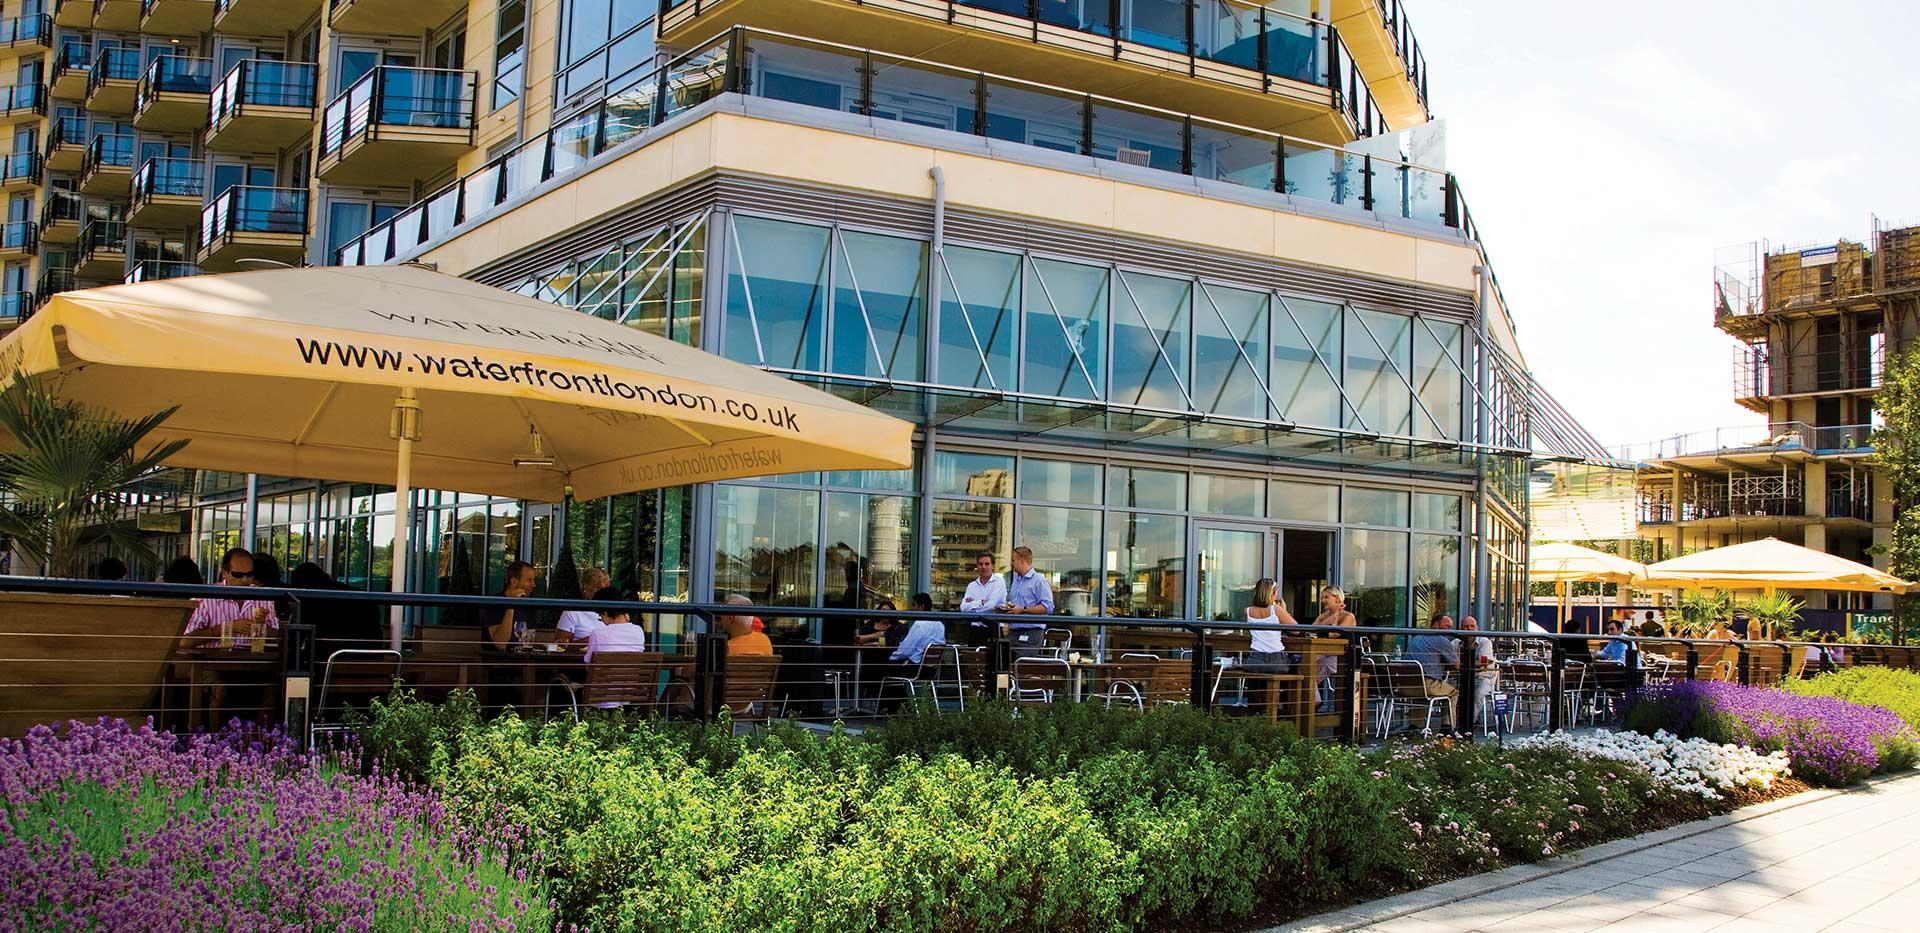 St George, Battersea Reach, Restaurant, Lifestyle